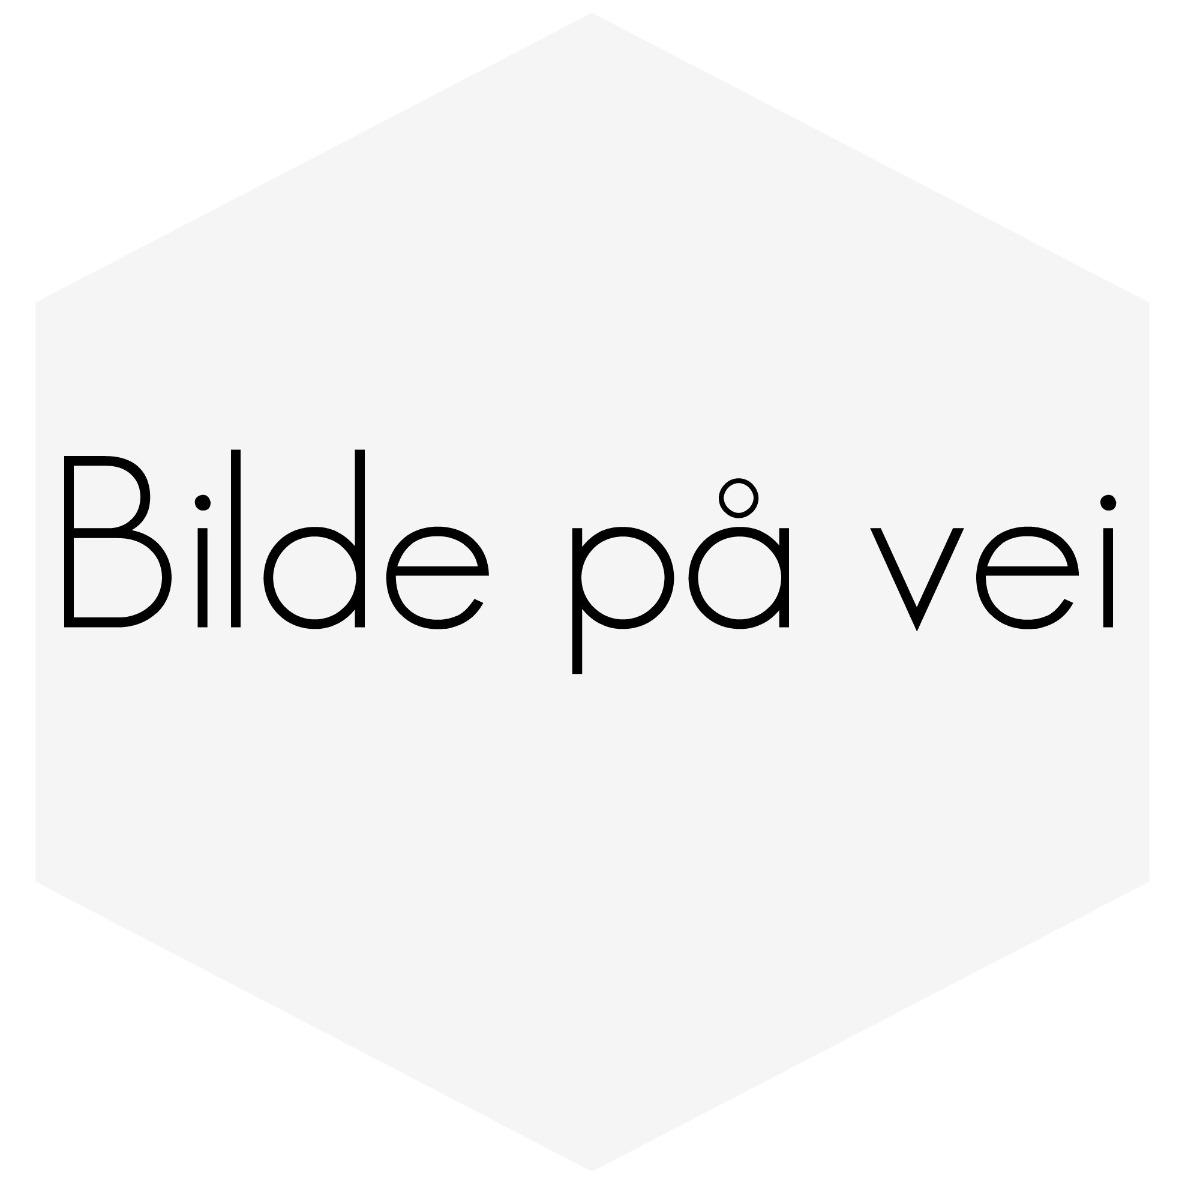 ØYELOKK S40 OG V40 ALLE >>2003 SETT MED BEGGE SIDER